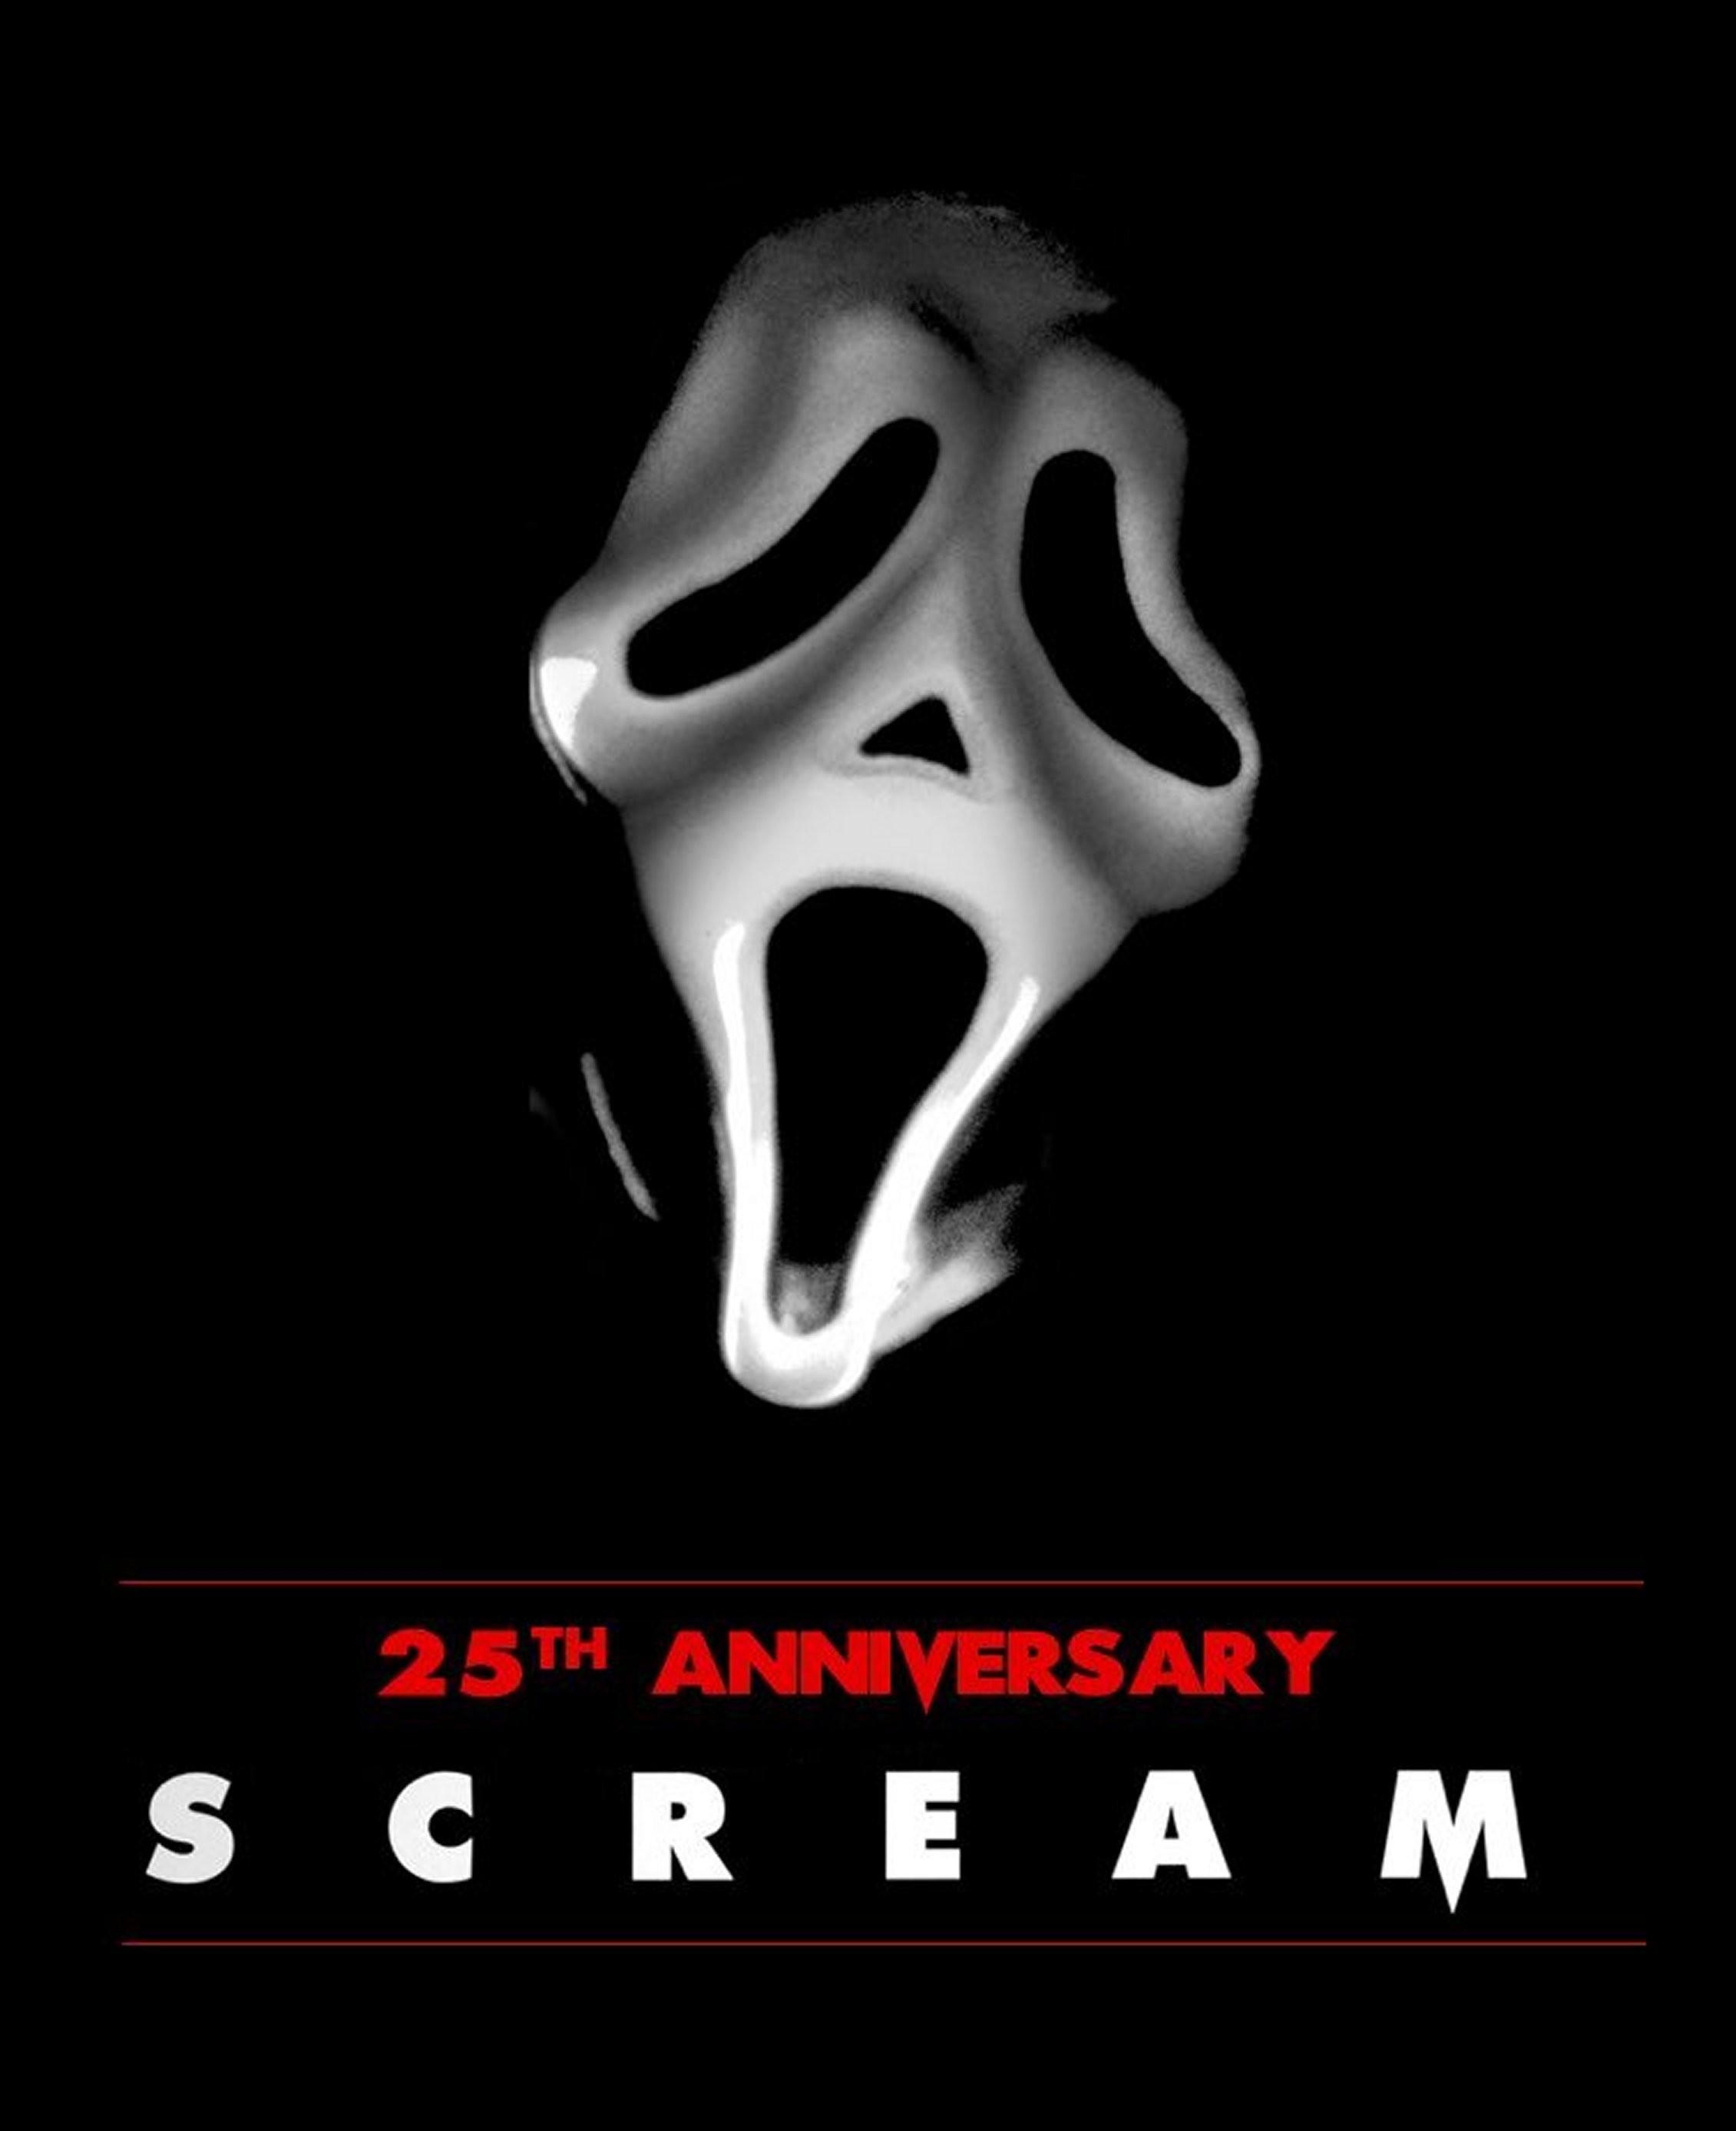 SCREAM - 25th Annivesary